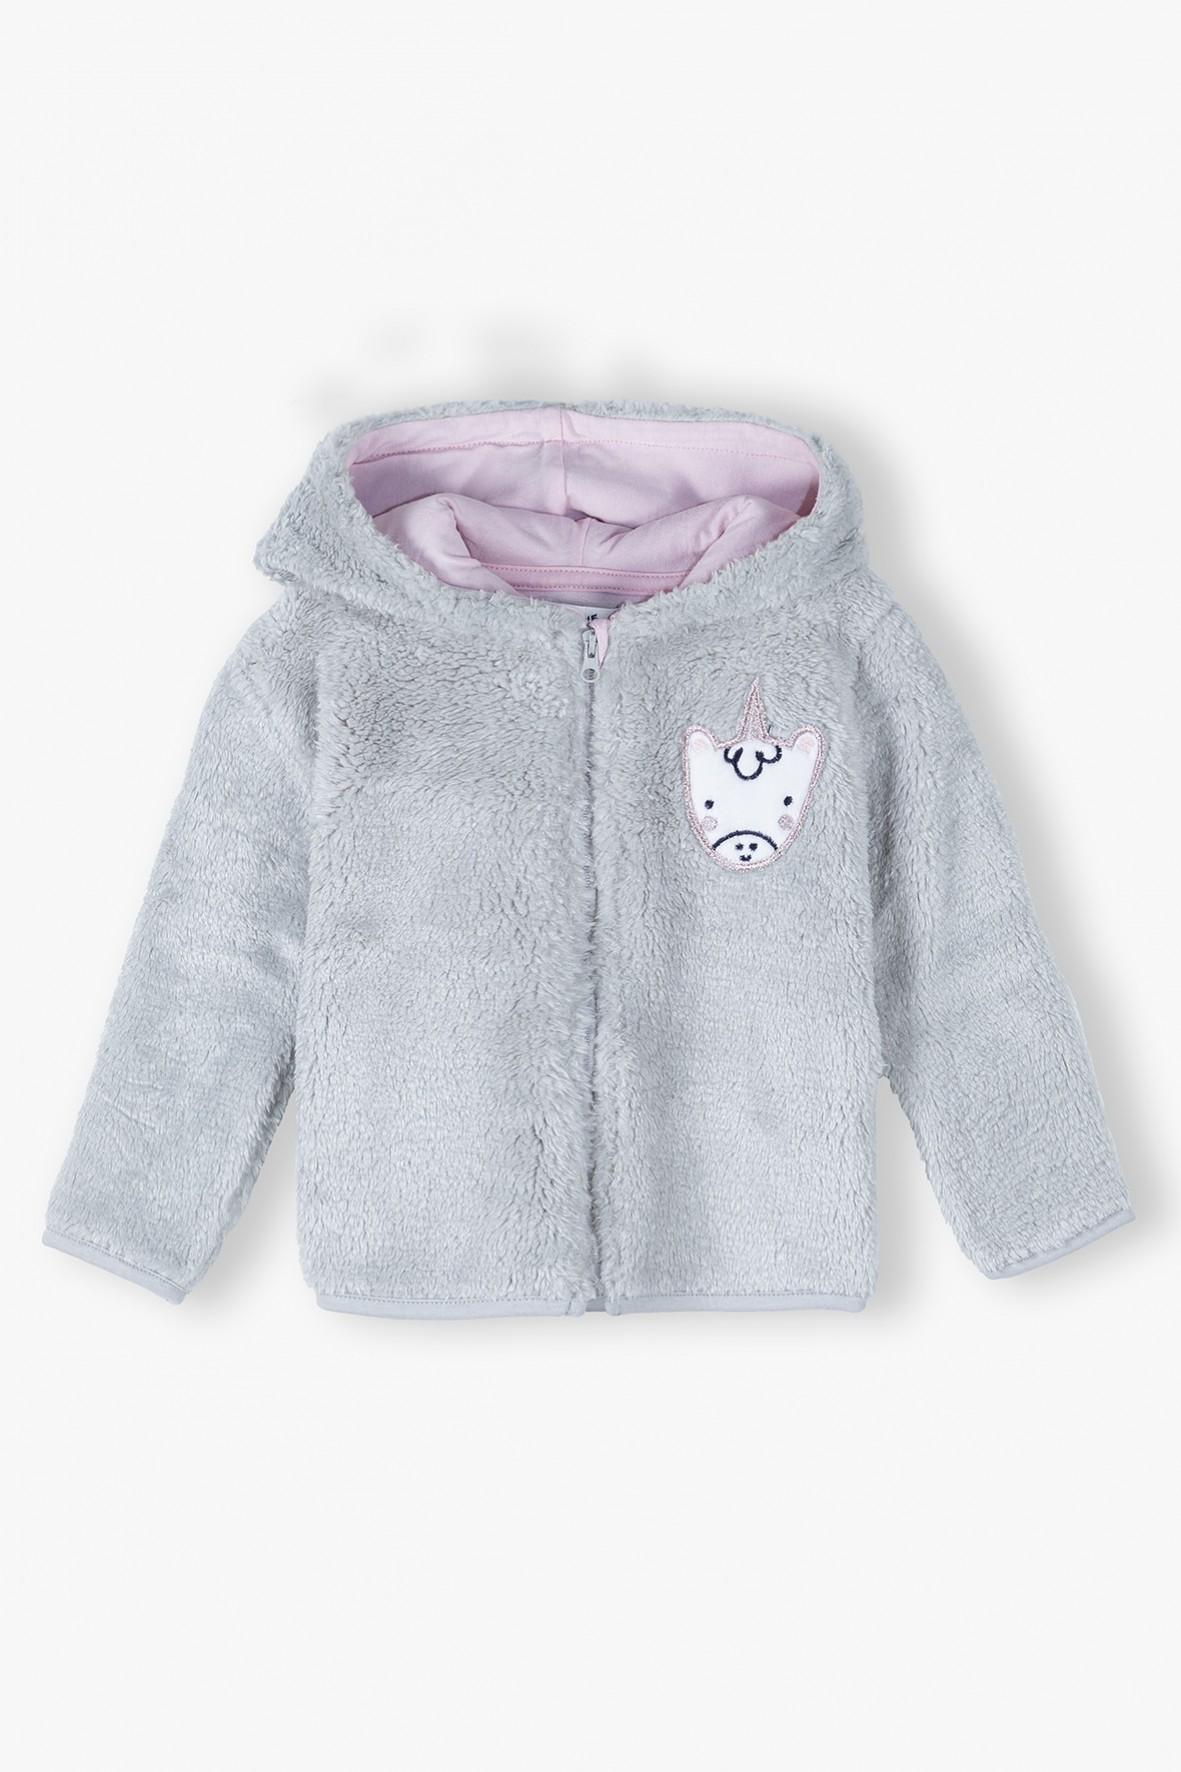 Bluza polar niemowlęca z jednorożcem - szara